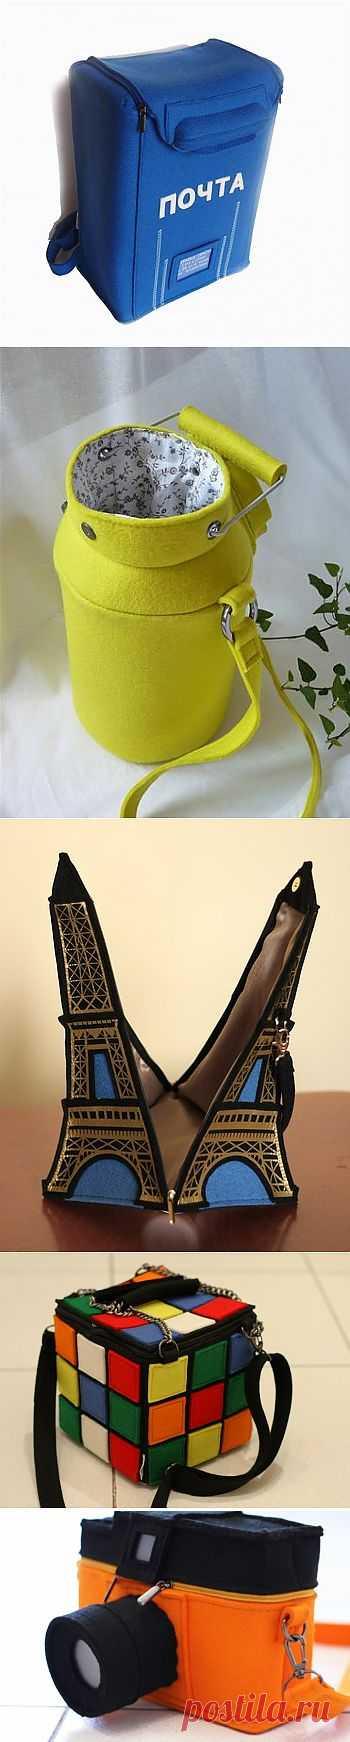 Не как у всех / Сумки, клатчи, чемоданы / Модный сайт о стильной переделке одежды и интерьера